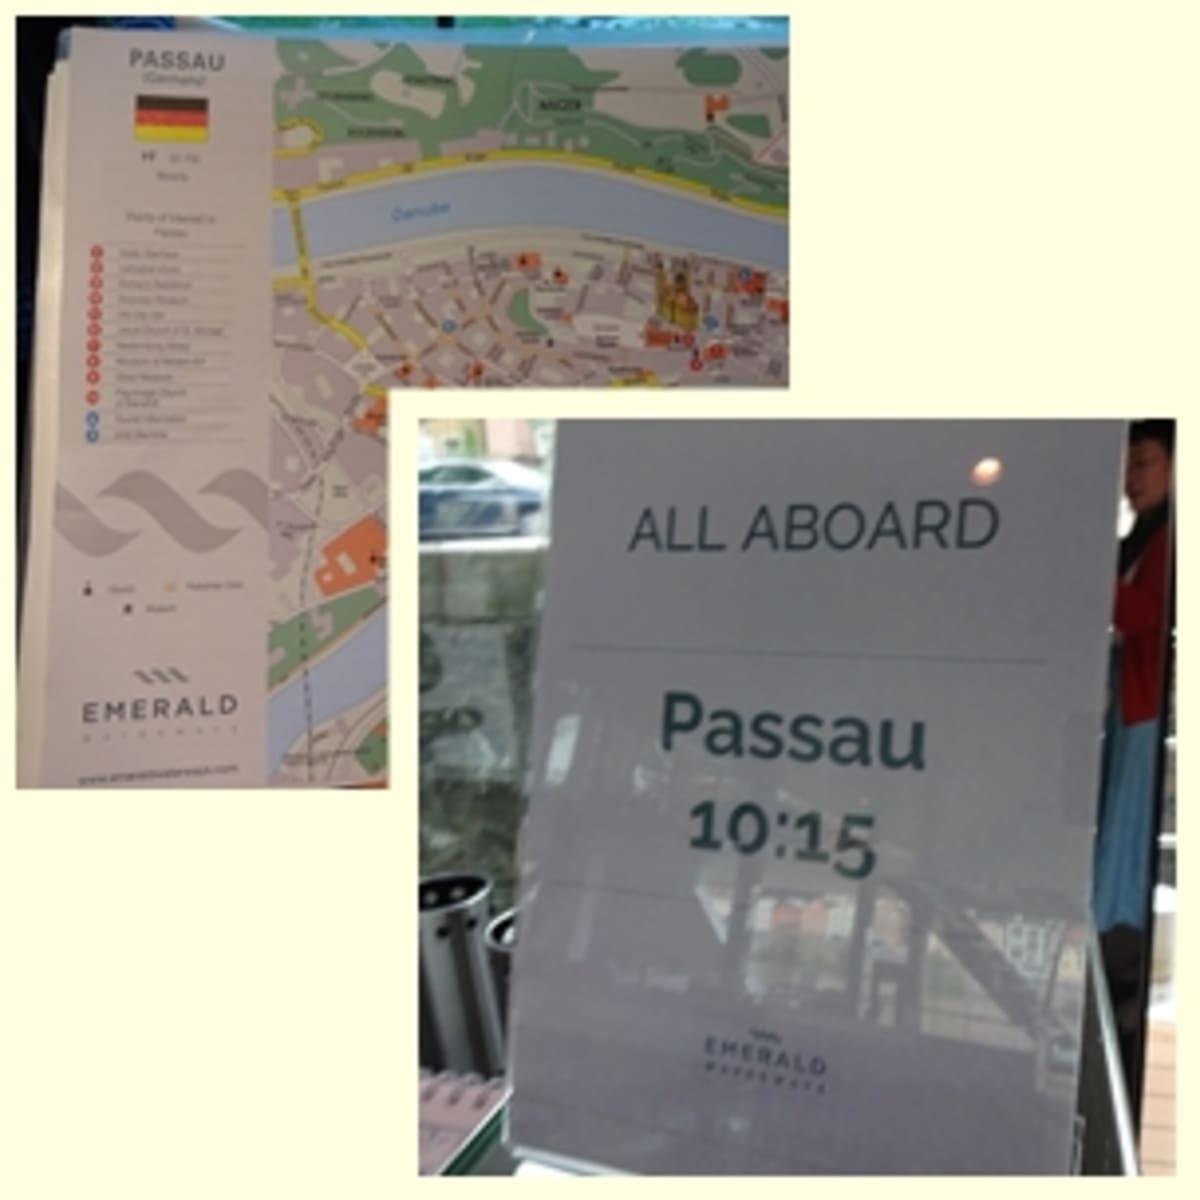 寄港地では、アドレスと地図が配布されて。乗船厳守の時間をチェック! | パッサウでの客船エメラルド・デスティニー